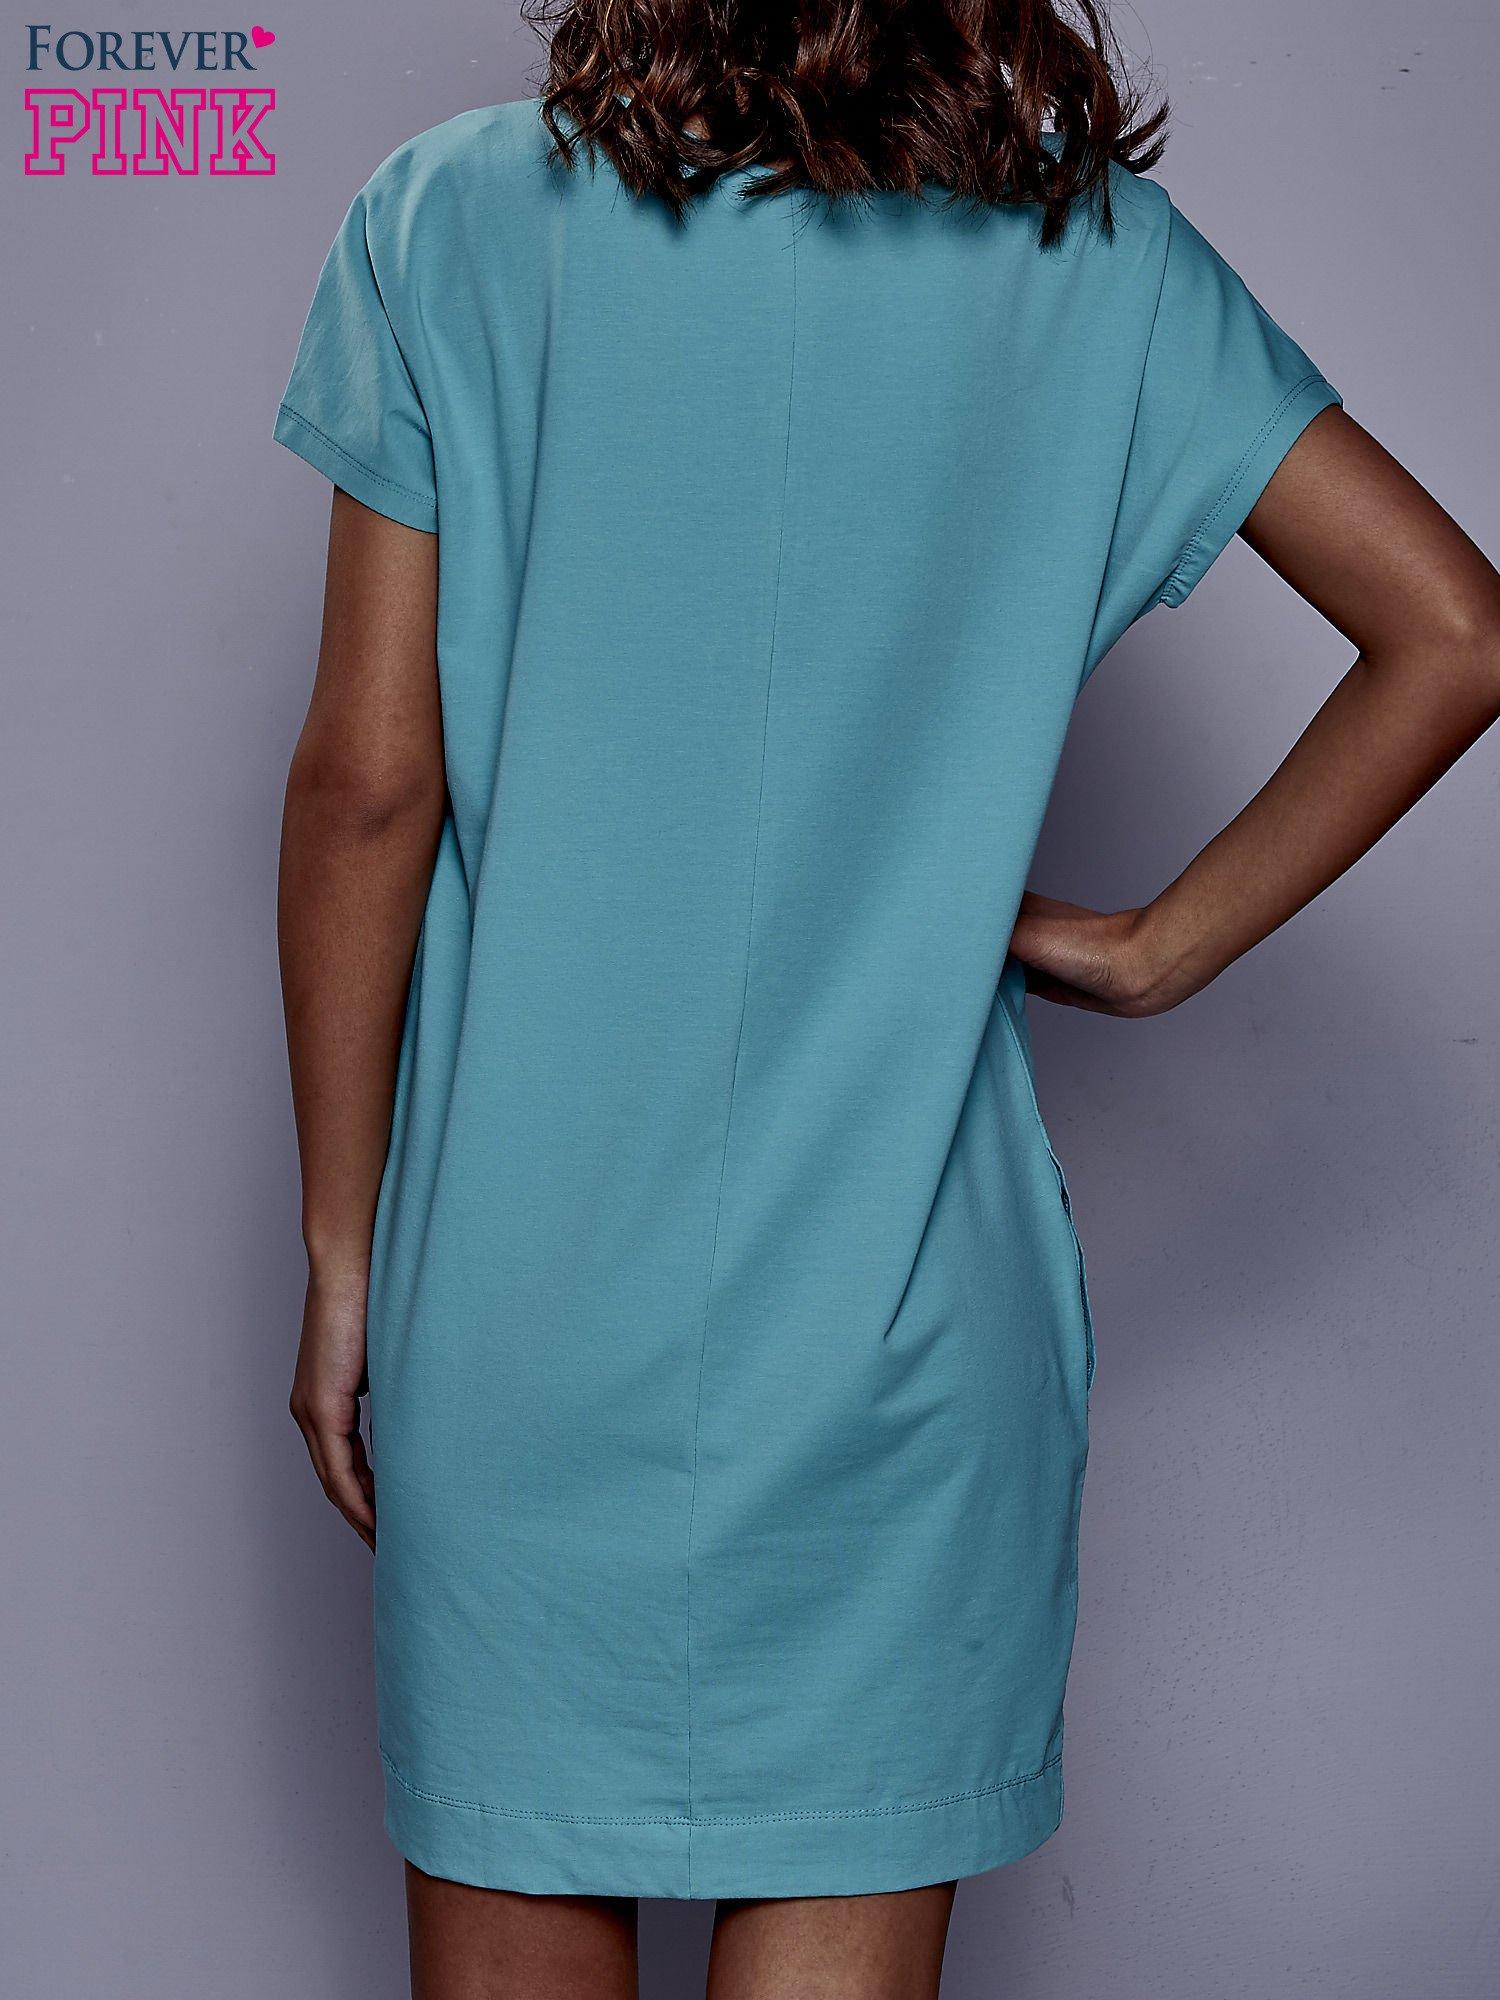 Jasnozielona sukienka dresowa z kieszeniami po bokach                                  zdj.                                  4